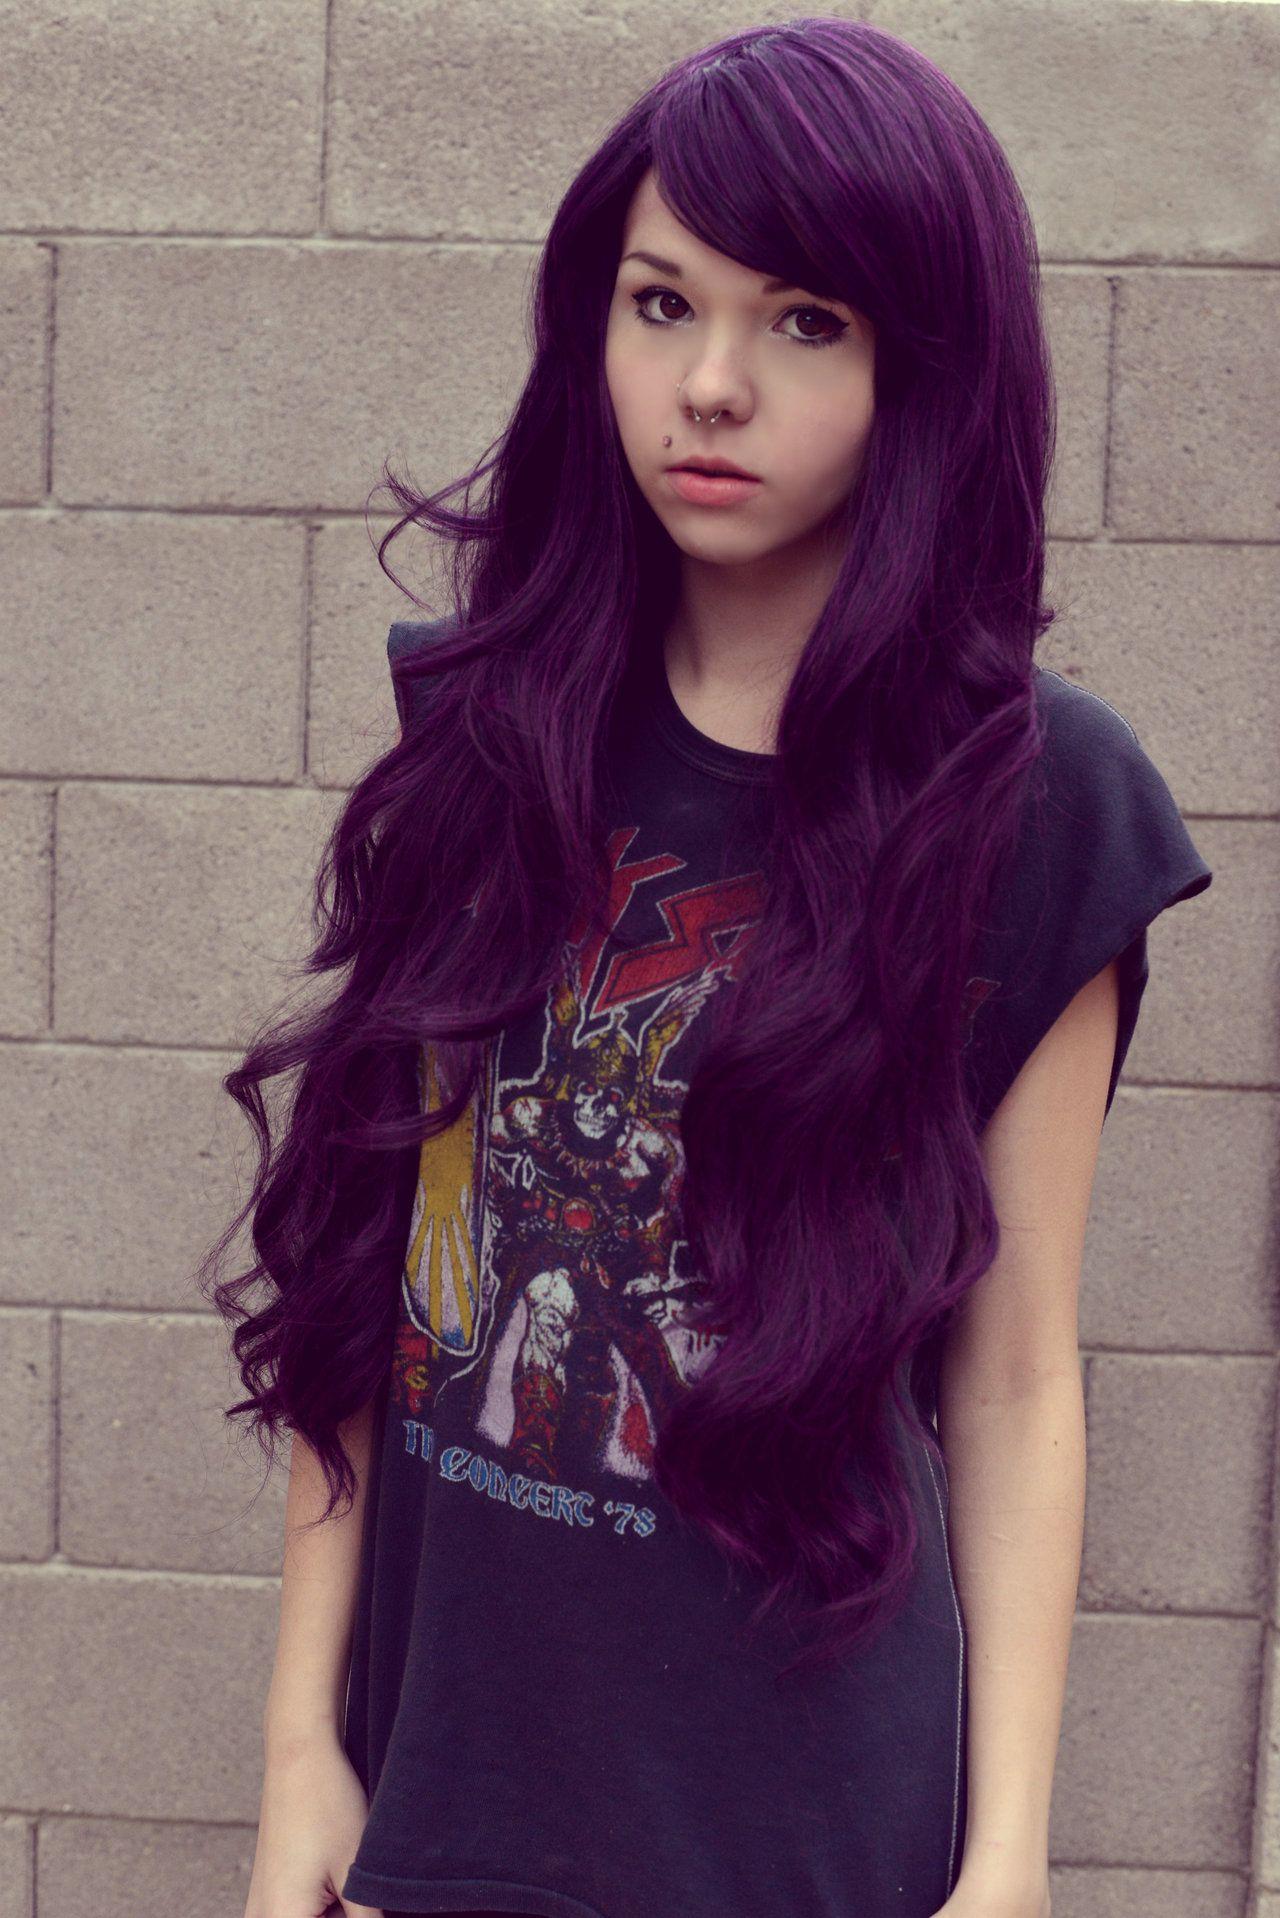 kickass girl with purple hair